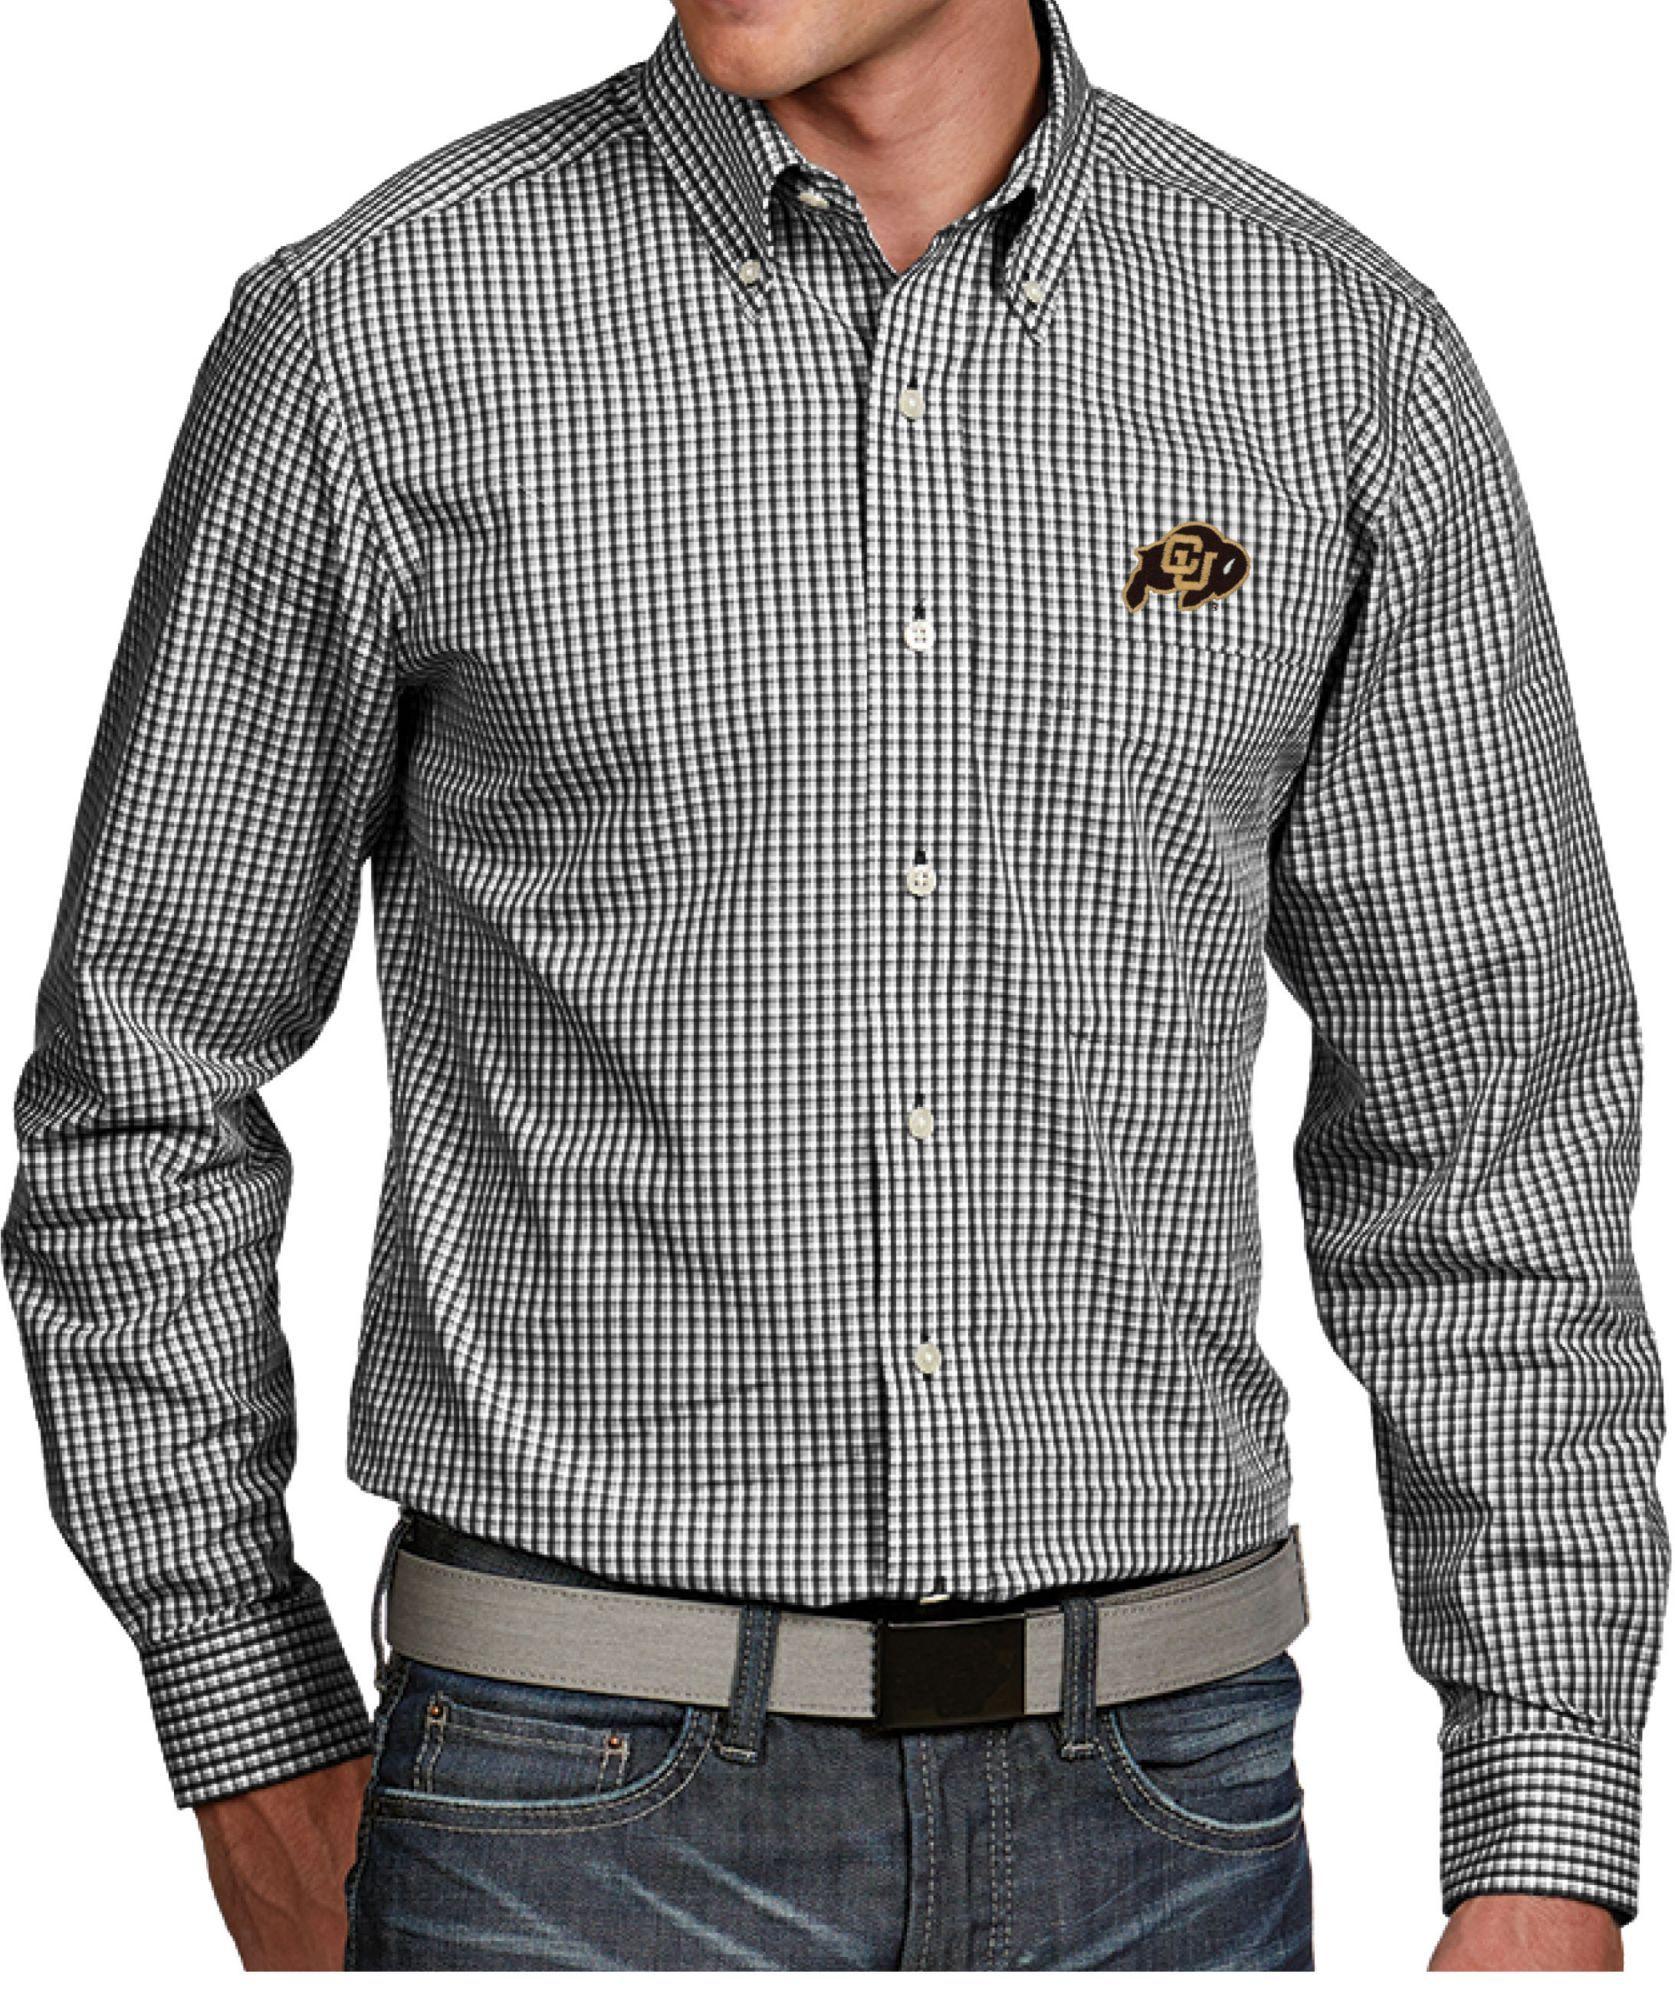 ee00e401 Antigua Men's Colorado Buffaloes Black Associate Button Down Long Sleeve  Shirt, Size: Medium, Multi